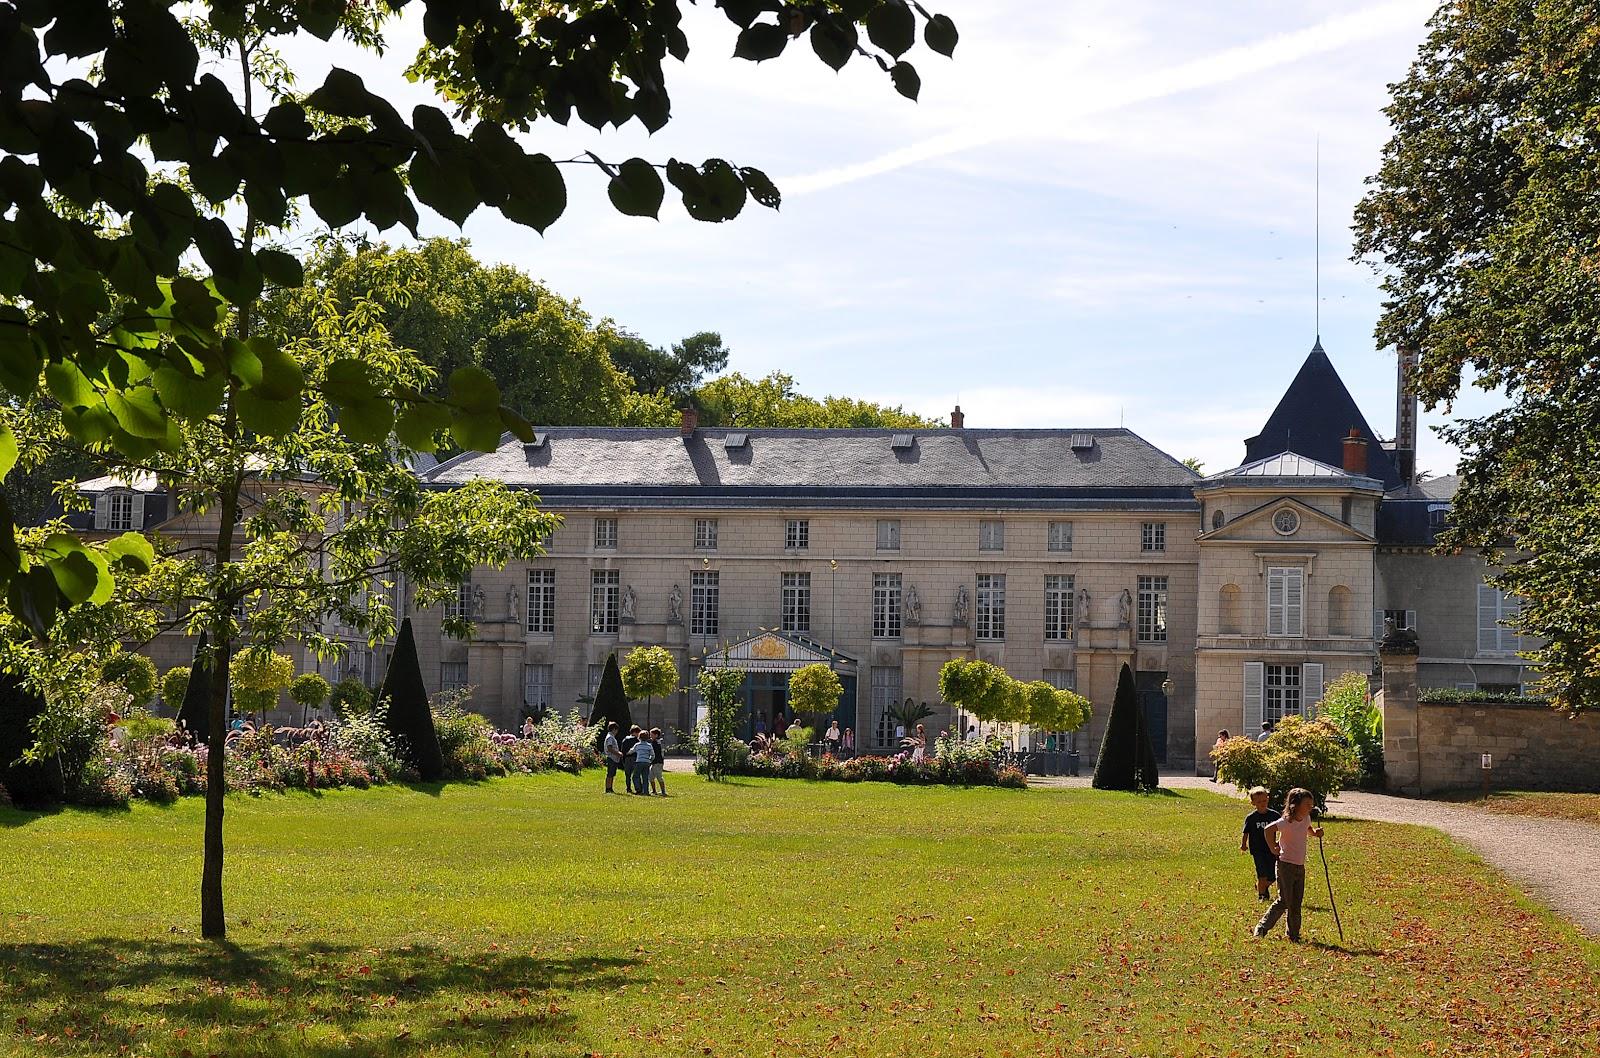 Les ch teaux royaux seigneuriaux et les villes royales historique en ile - Chateau de beauharnais ...